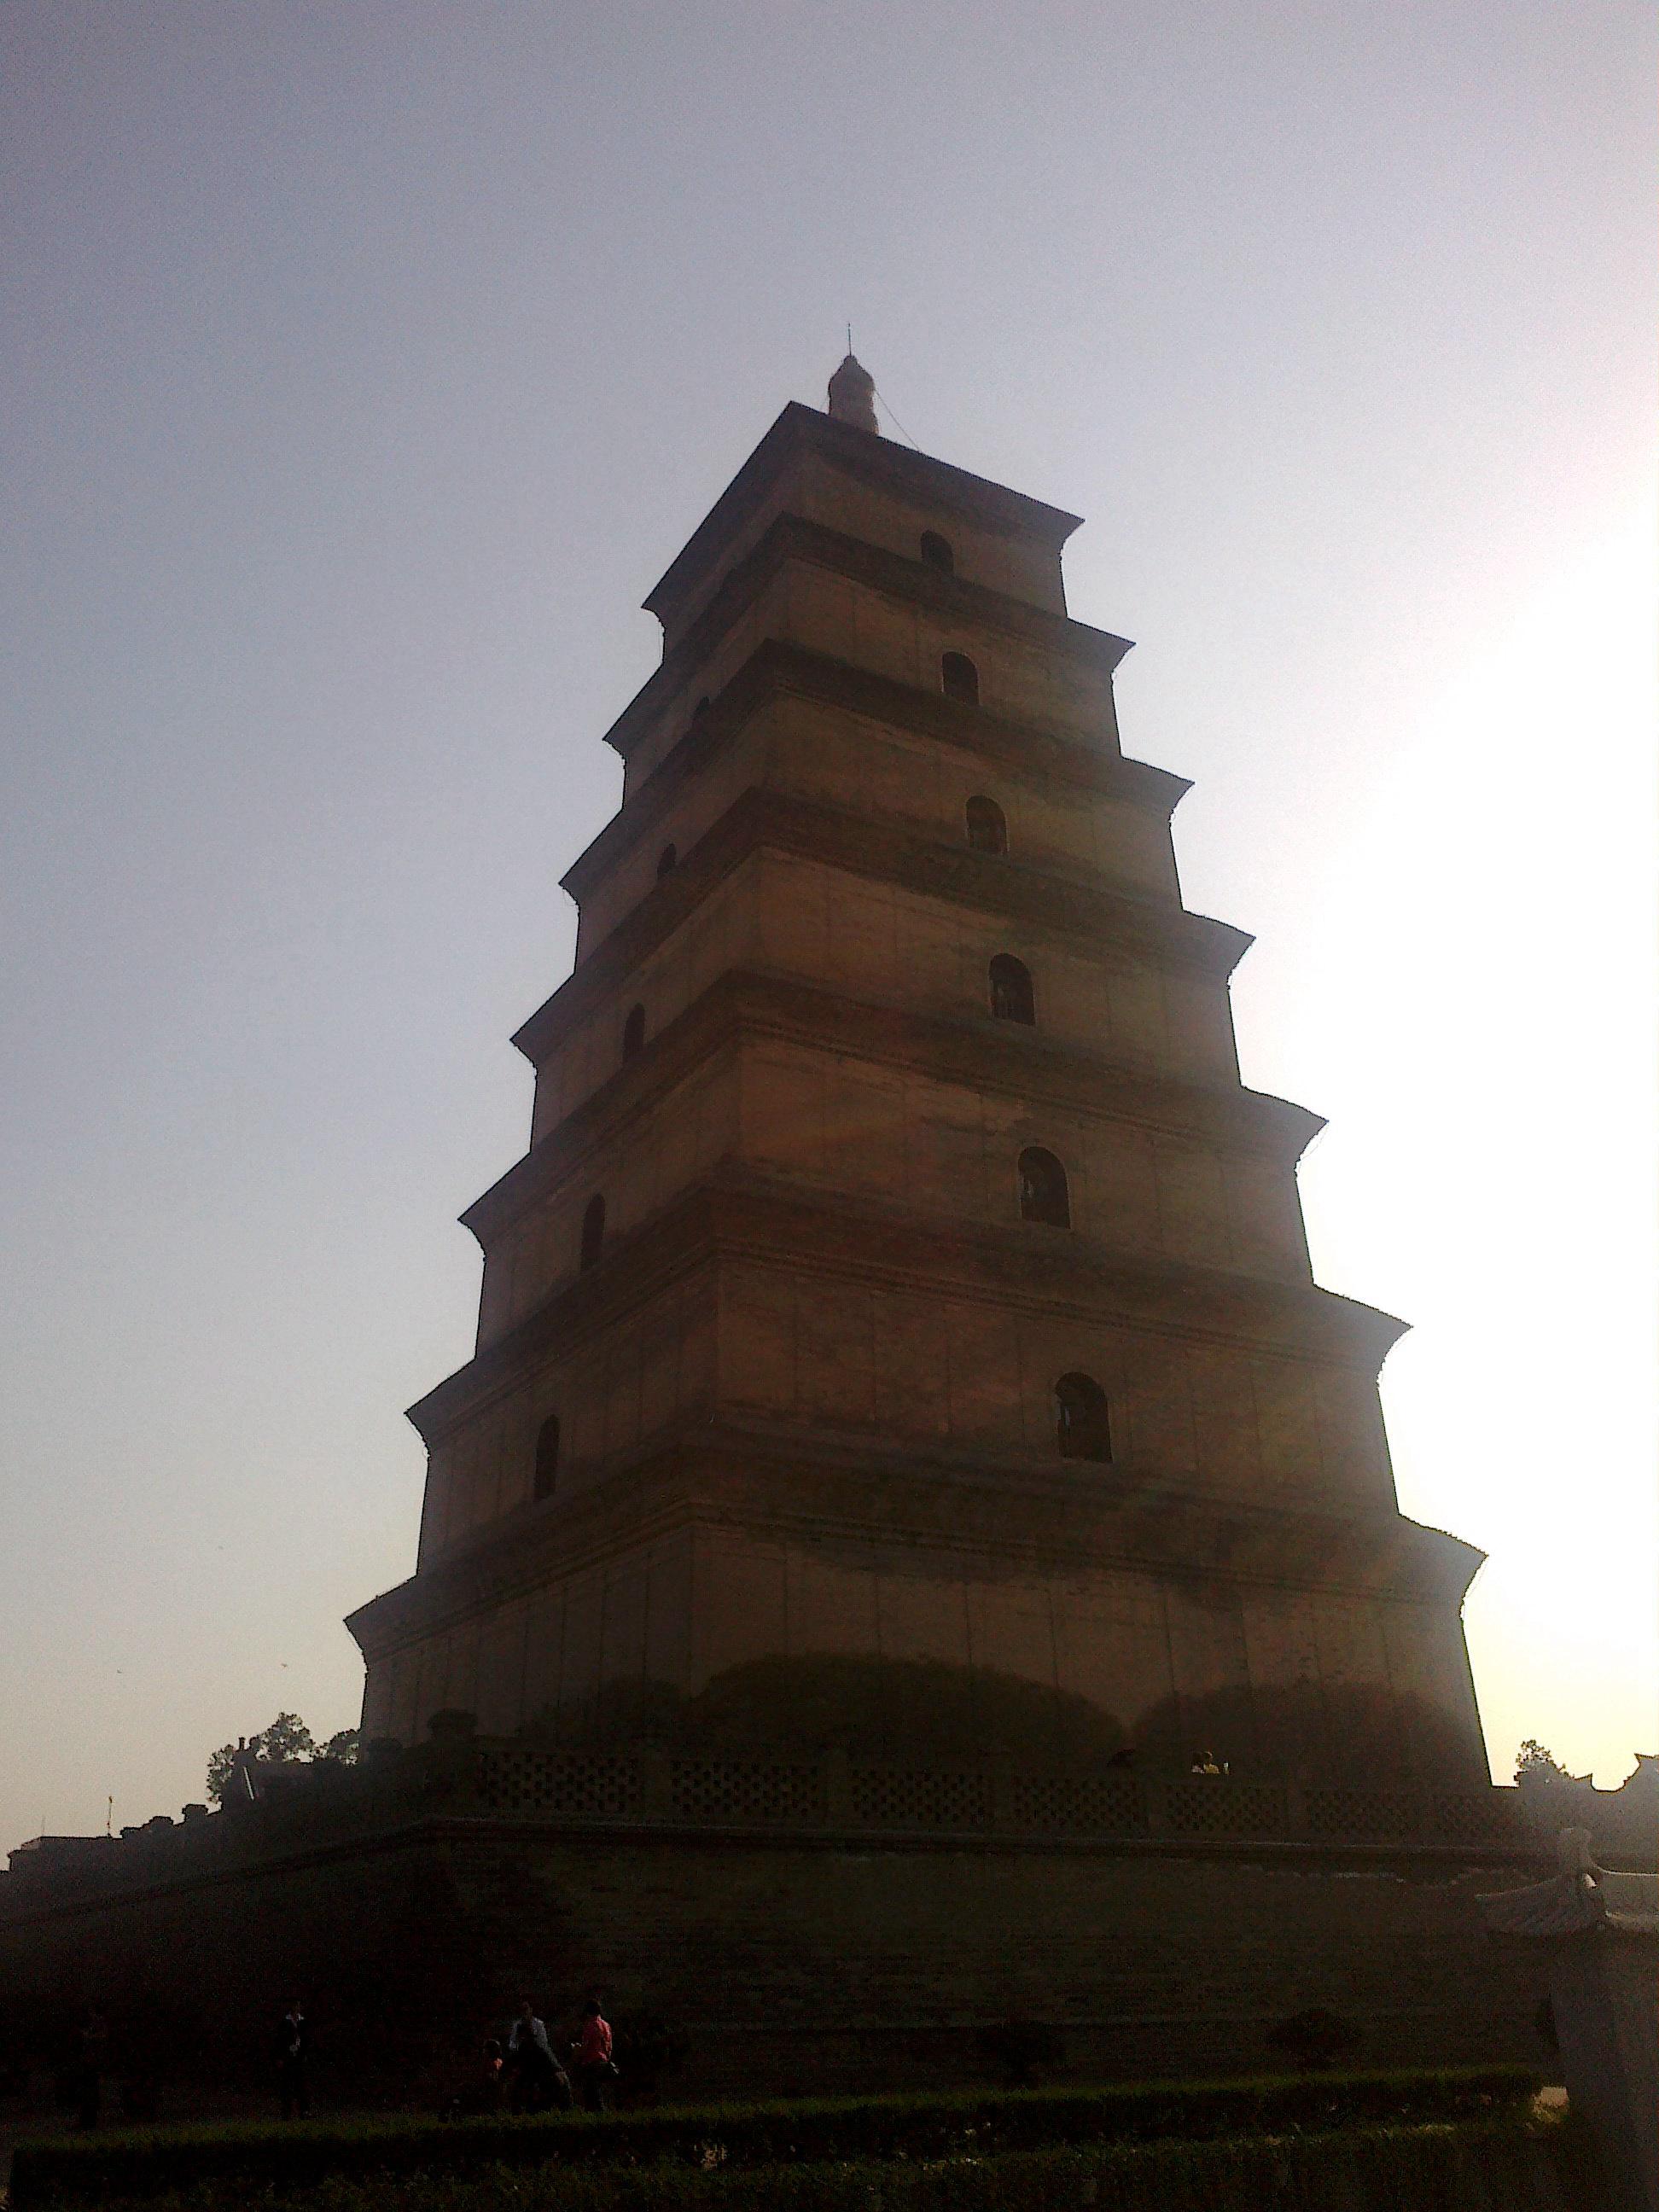 大雁塔的背景上只有蓝天白云